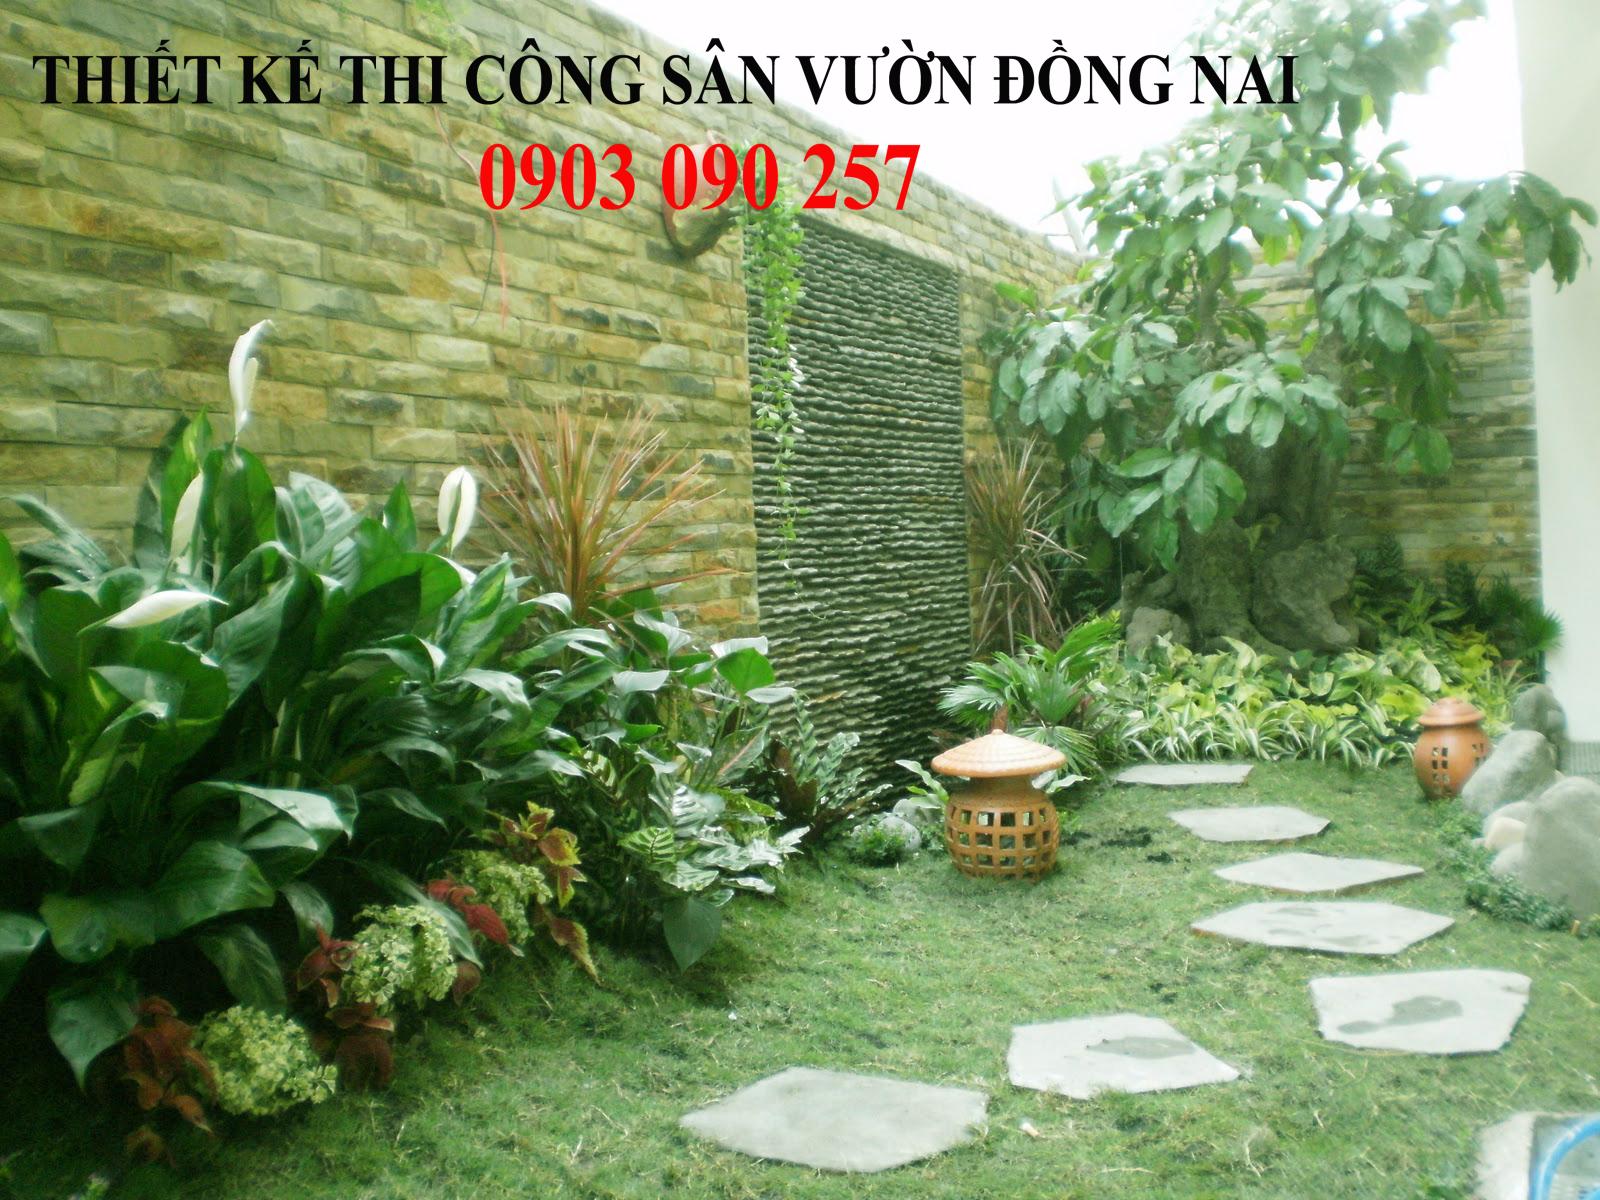 1 Thiết kế - Thi công - Bảo dưỡng duy trì cây xanh Đồng Nai